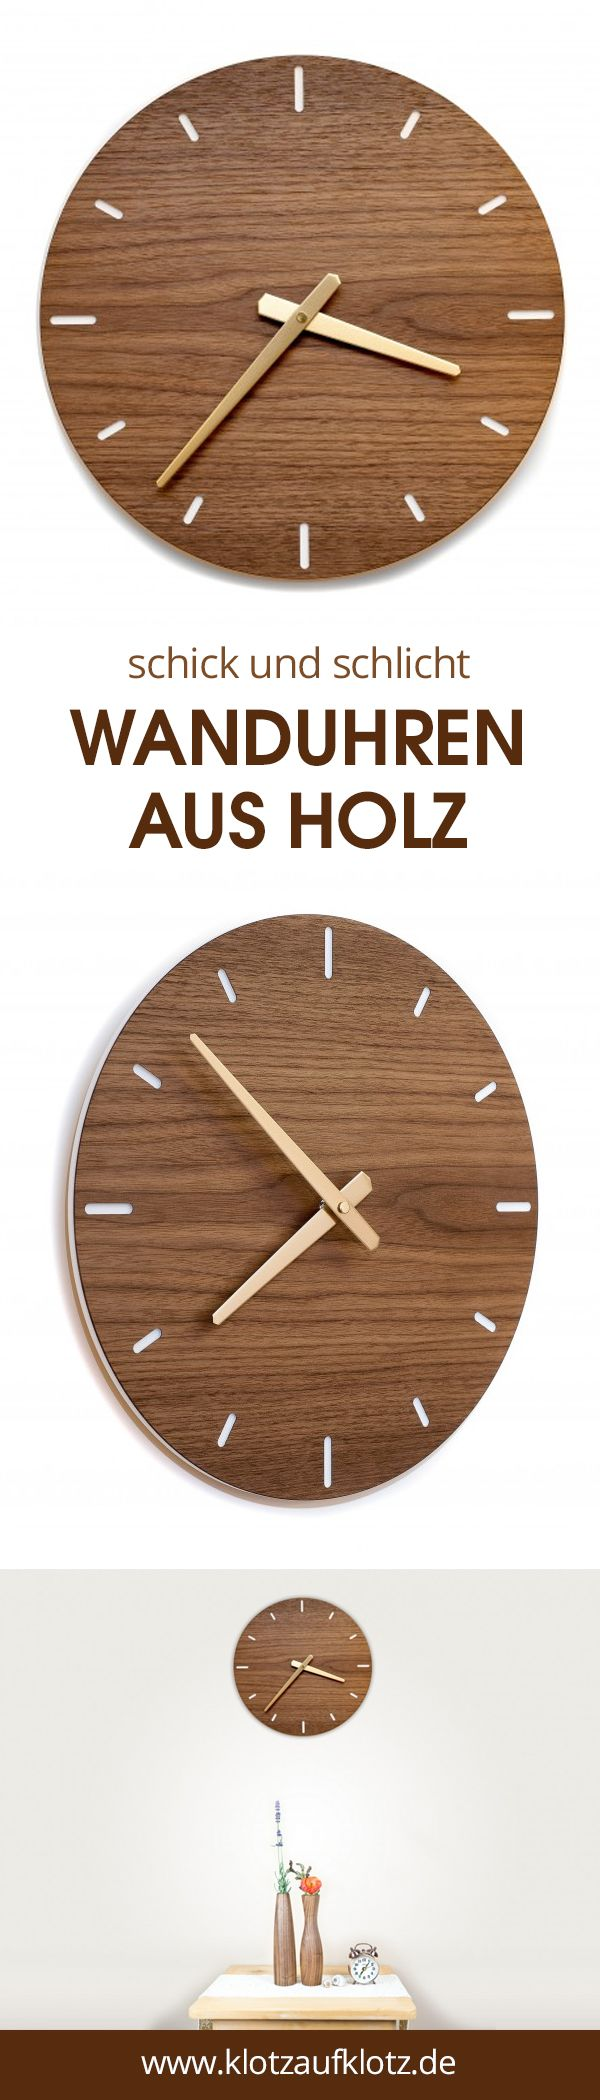 Unsere Wanduhr Aus Nussbaum Holz Passt Perfekt In Deine Küche Oder In Dein  Wohnzimmer! #clock #uhr #interior